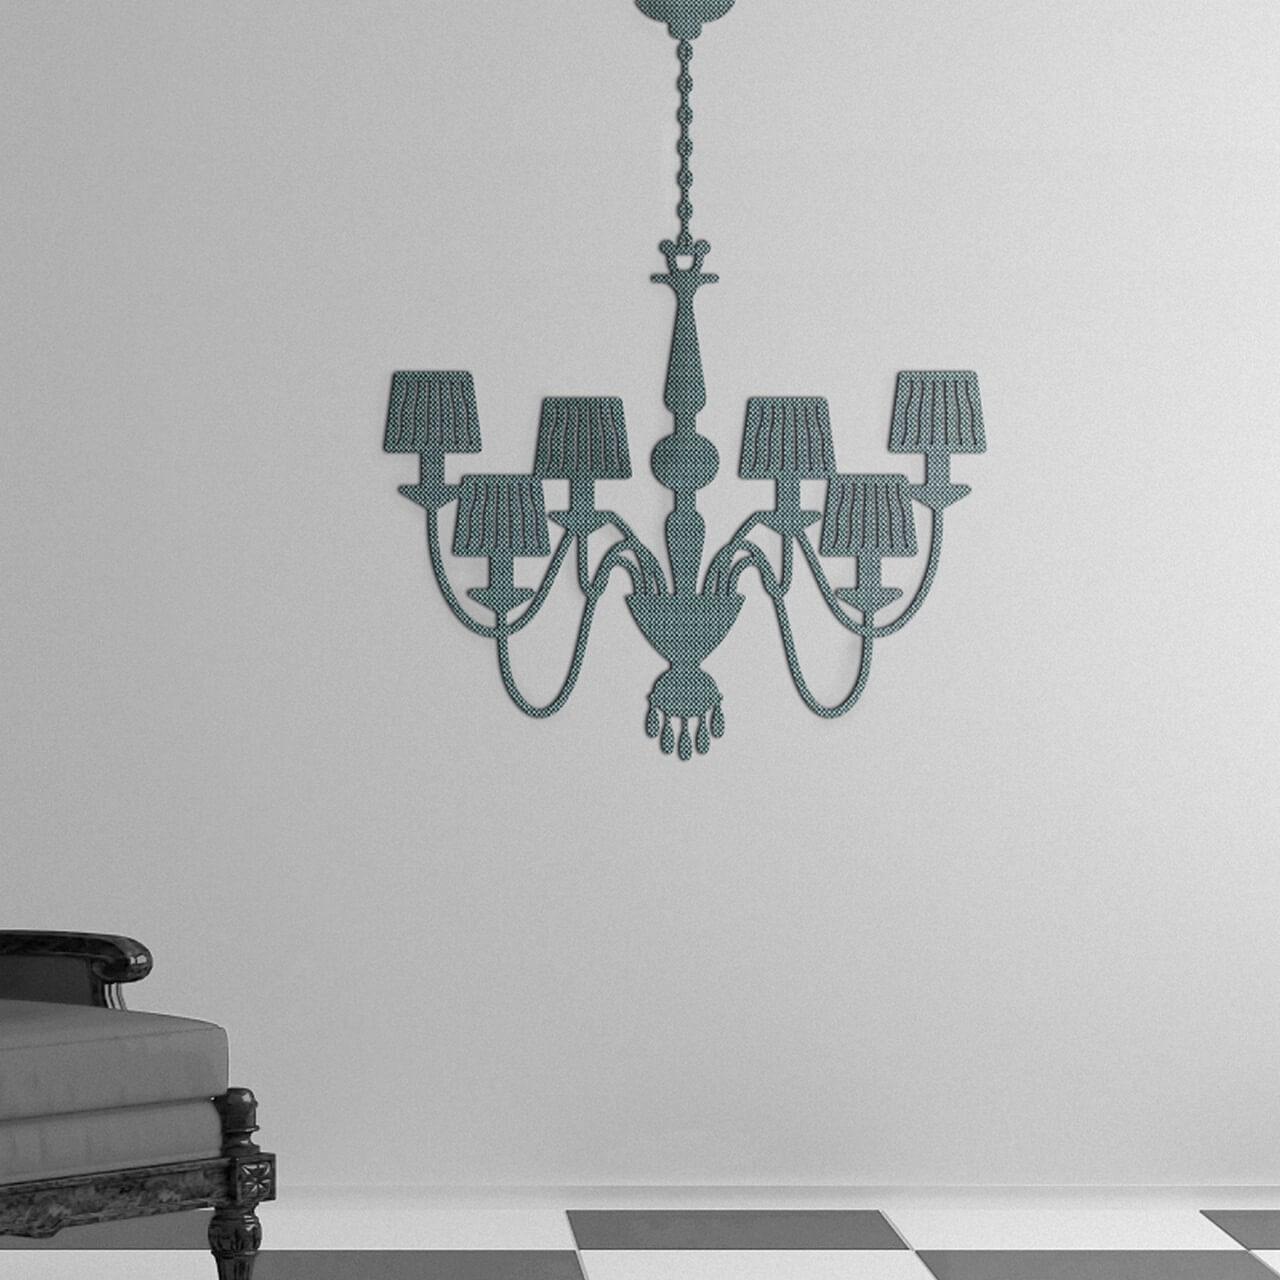 Soluciones de decoración Lola Paris